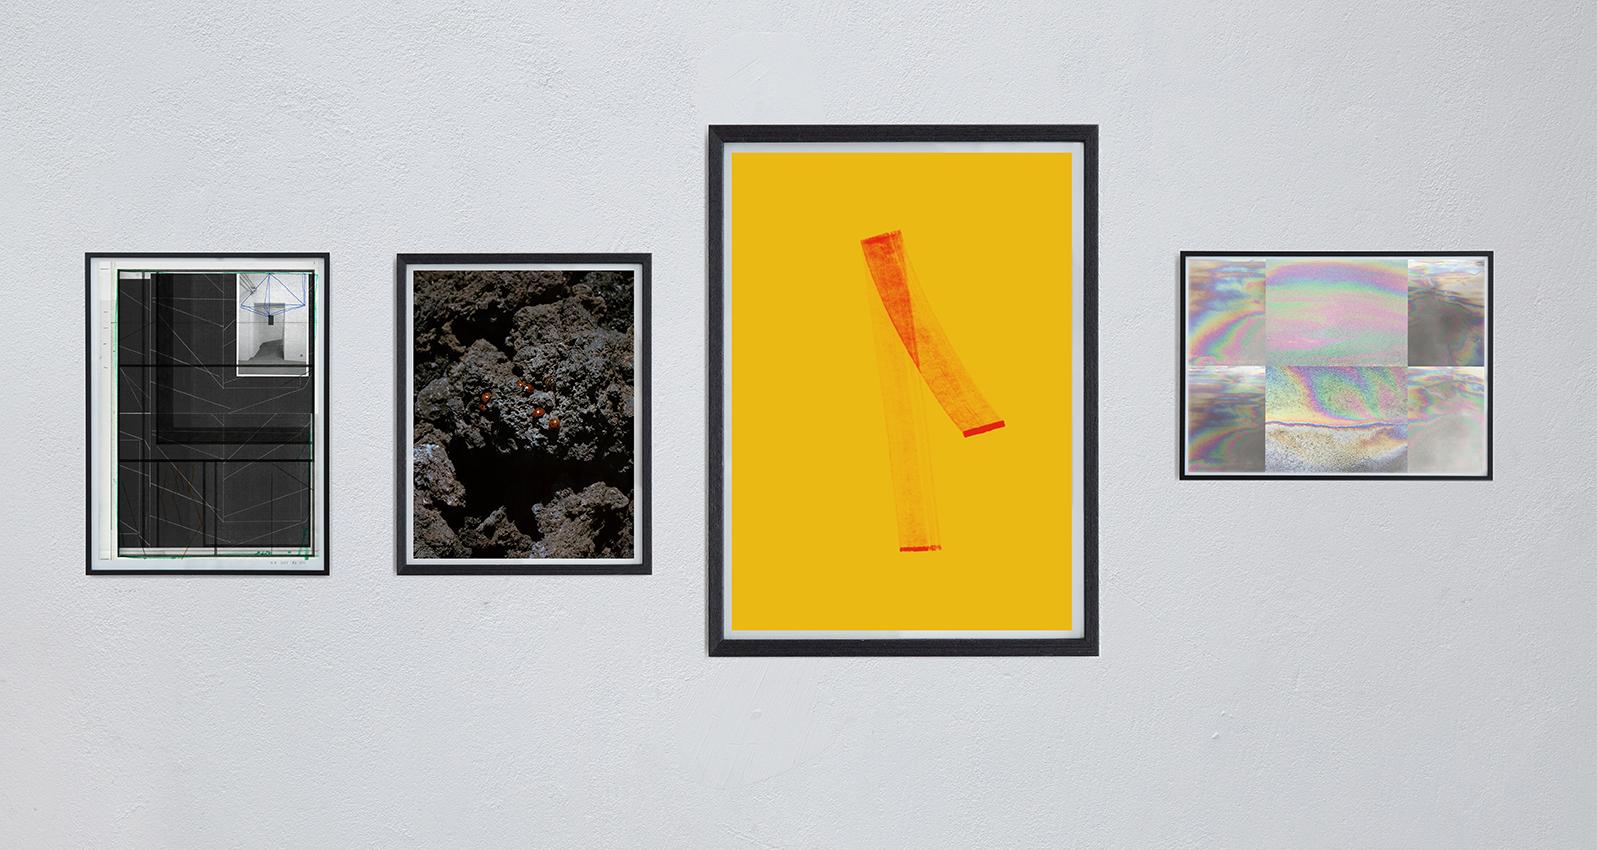 Van links naar rechts © Marc Nagtzaam -Geert Goiris - gerlach en koop -Richard Deacon